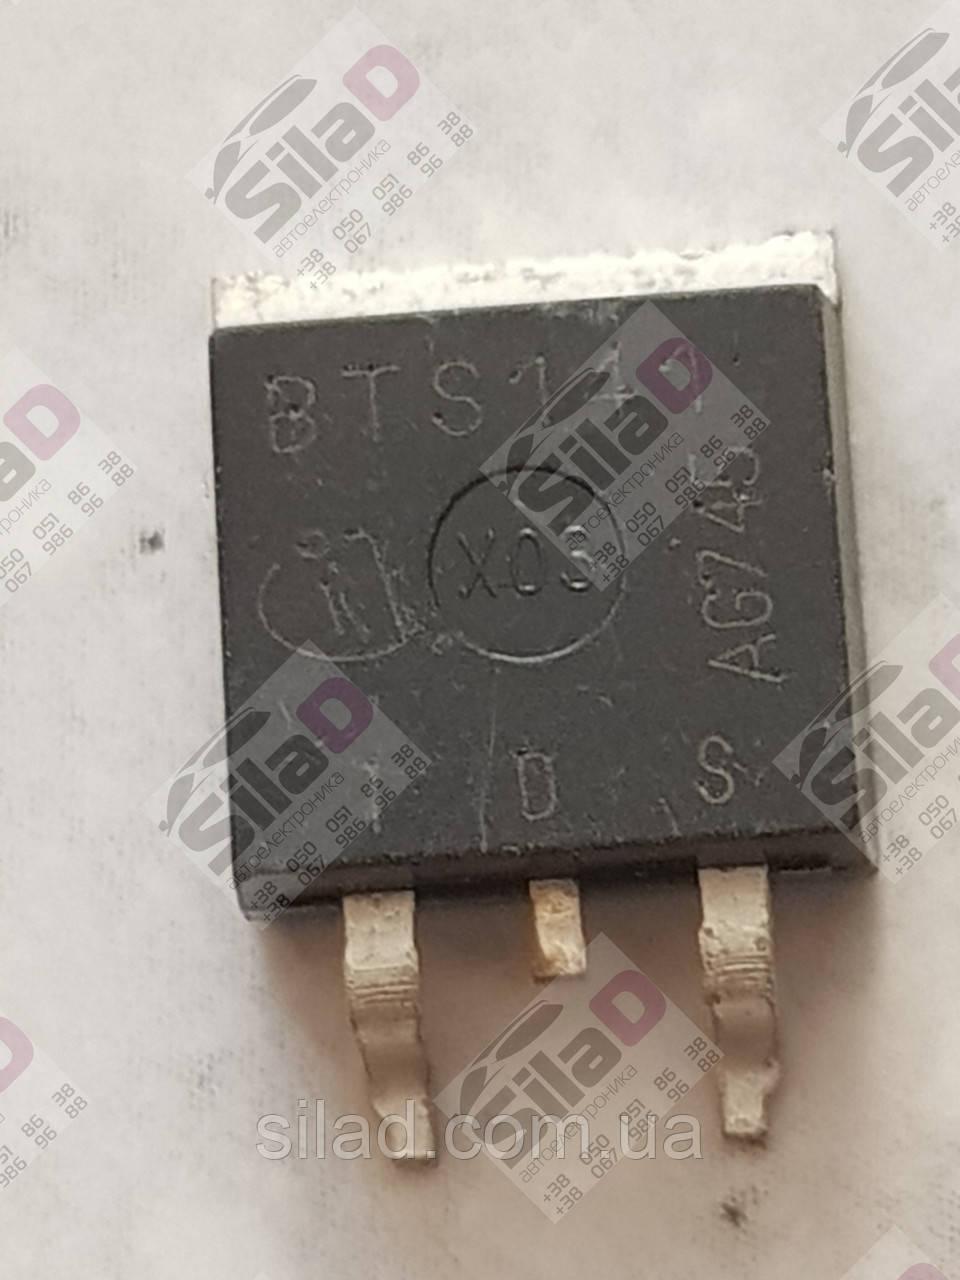 Транзистор BTS141 Infineon корпус TO263 (D2PAK)